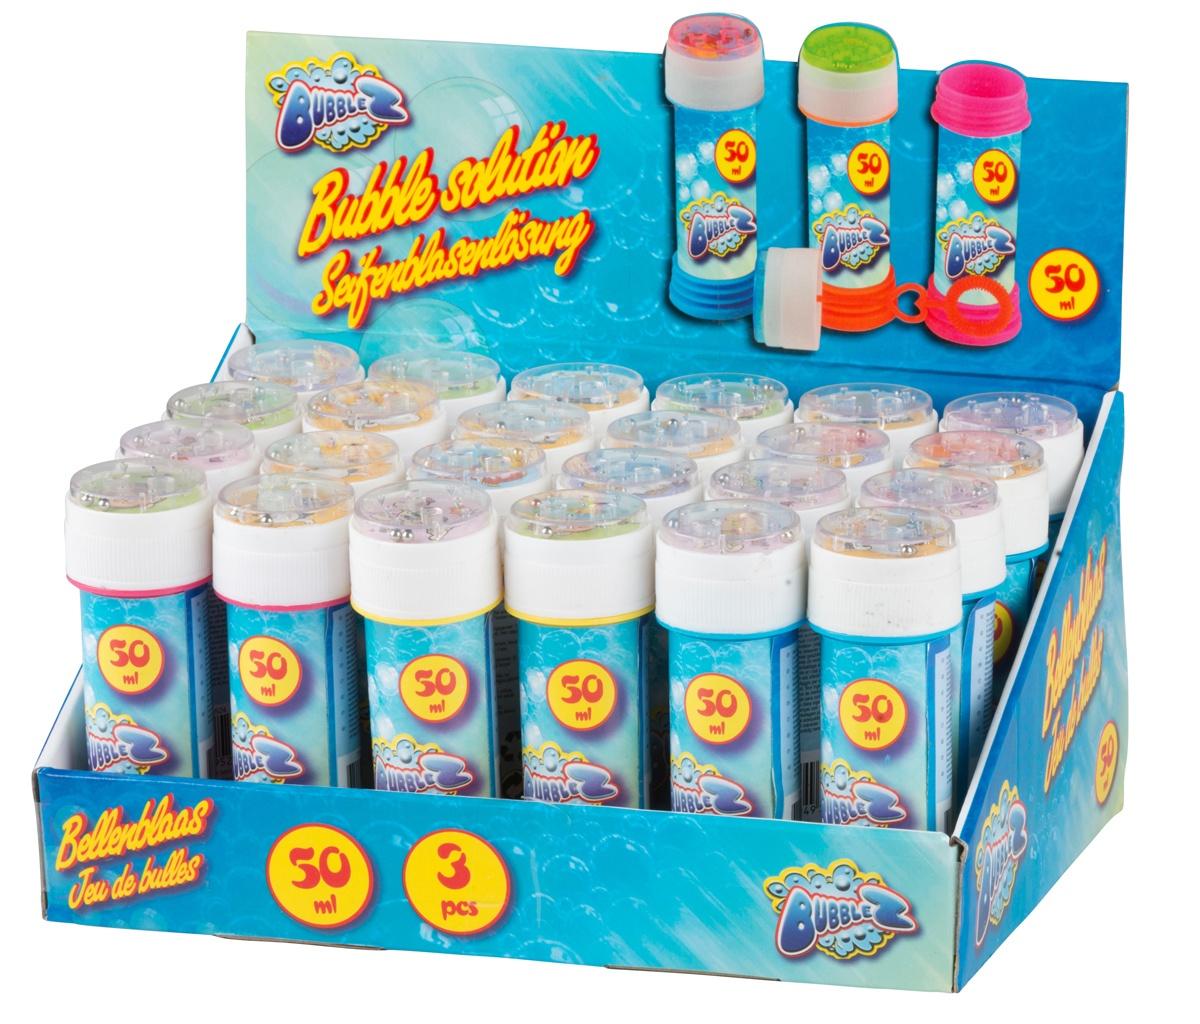 Seifenblasen 3 Farben sortiert mit Geduldspiel - ca 50 ml